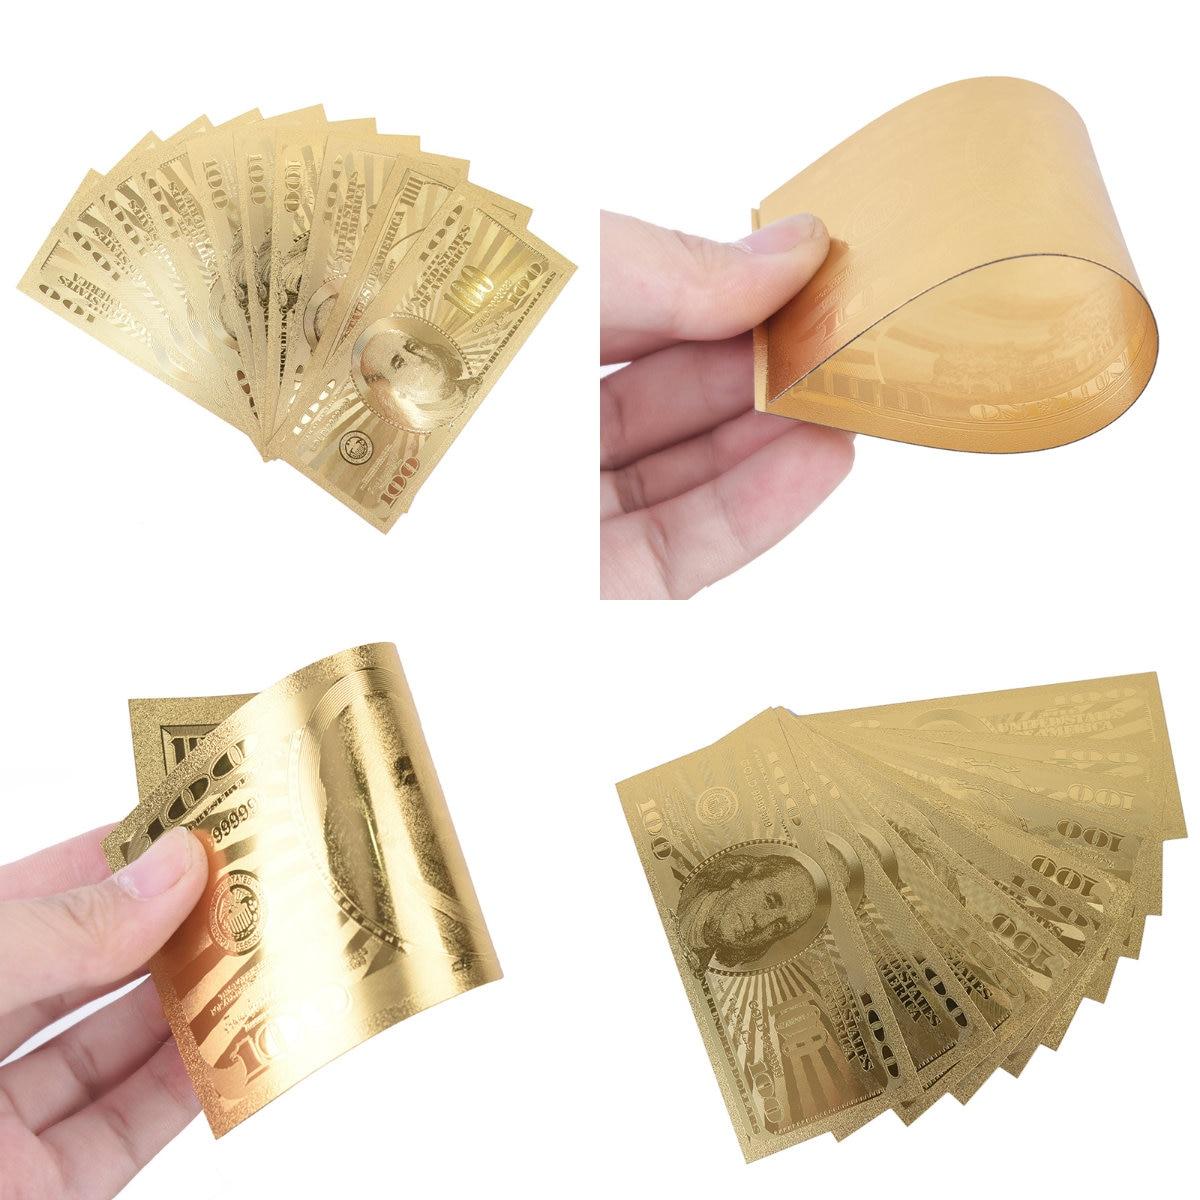 10 adet 100 dolar abd altın banknot para birimi fatura kağıt para sikke madalya 24k amerika birleşik devletleri yüksek kaliteli